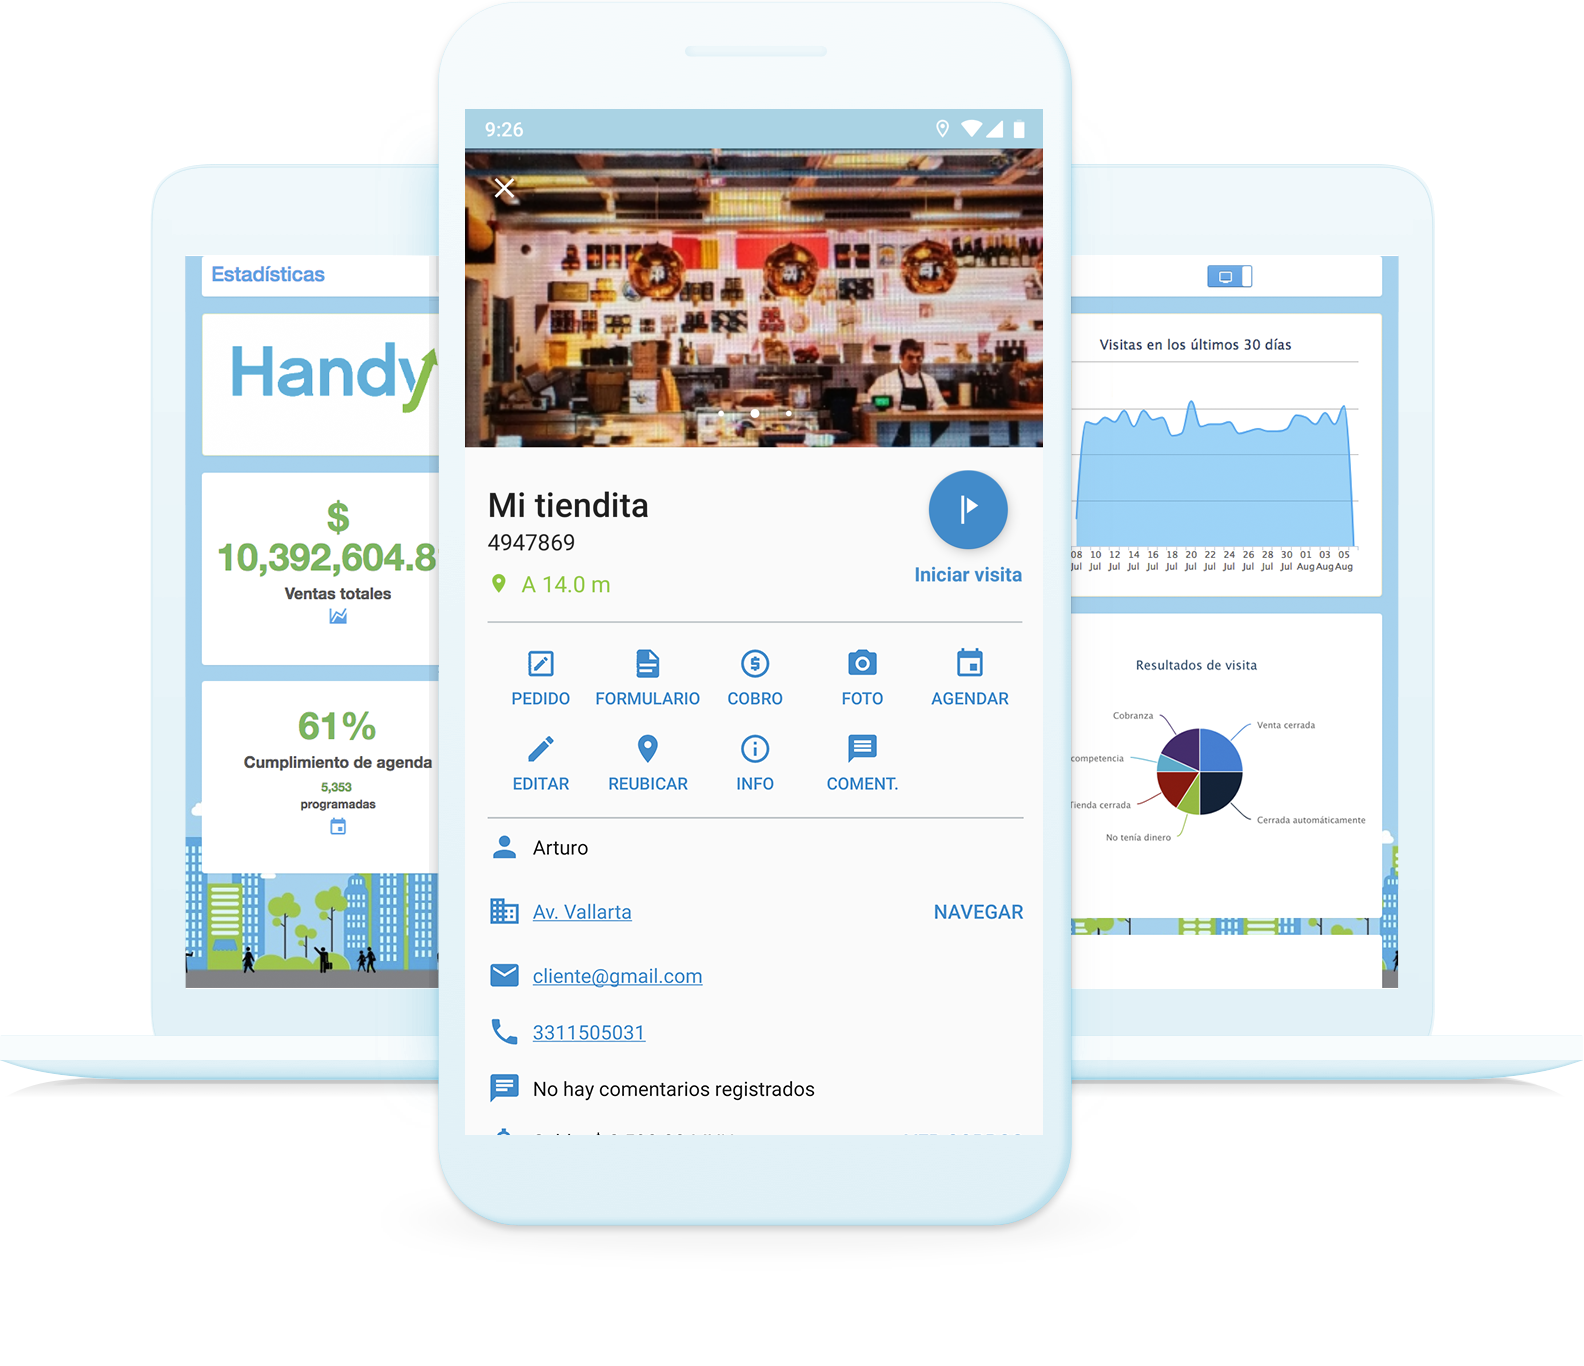 Dispositivos móvil y laptop mostrando información relevante del proceso de ventas